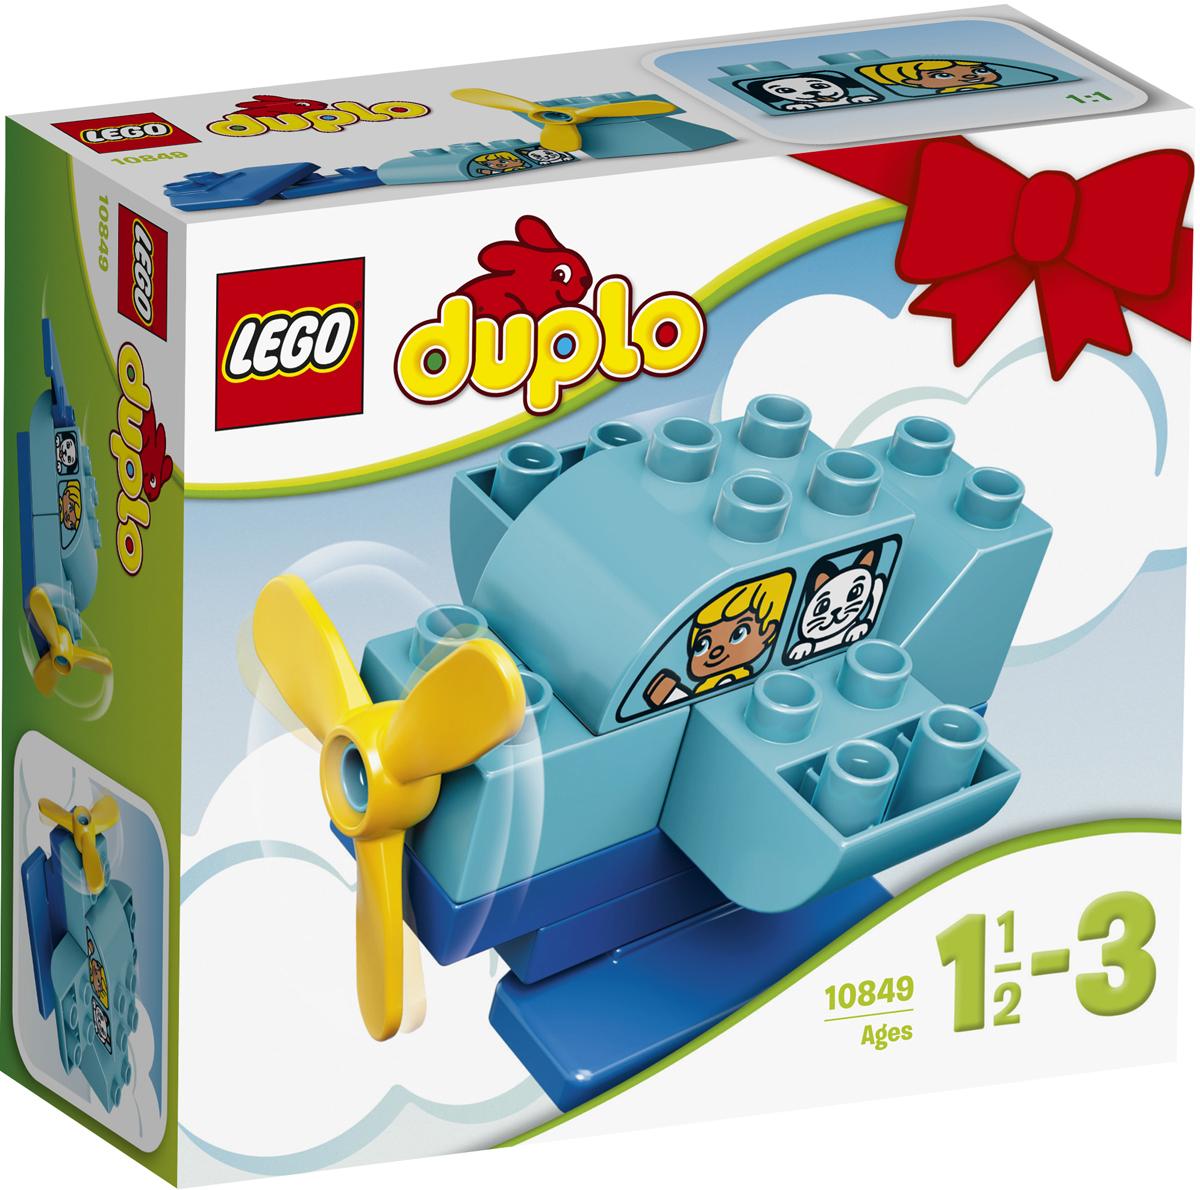 LEGO DUPLO Конструктор Мой первый самолет 1084910849Мой первый самолет LEGO DUPLO захватит воображение маленьких пилотов на целые часы. Этот легкий в сборке самолет отлично подходит для развития моторики, а кубик в виде окна c персонажами поможет детям придумать свои истории и ролевые игры. Как только самолет приземлится, его можно перестроить в лодку или вертолет! Крупные кубики LEGO DUPLO специально сконструированы так, чтобы они были безопасны и удобны для маленьких ручек. Набор включает в себя 10 разноцветных пластиковых элементов. Конструктор станет замечательным сюрпризом вашему ребенку, который будет способствовать развитию мелкой моторики рук, внимательности, усидчивости и мышления. Играя с конструктором, ребенок научится собирать детали по образцу, проводить время с пользой и удовольствием.